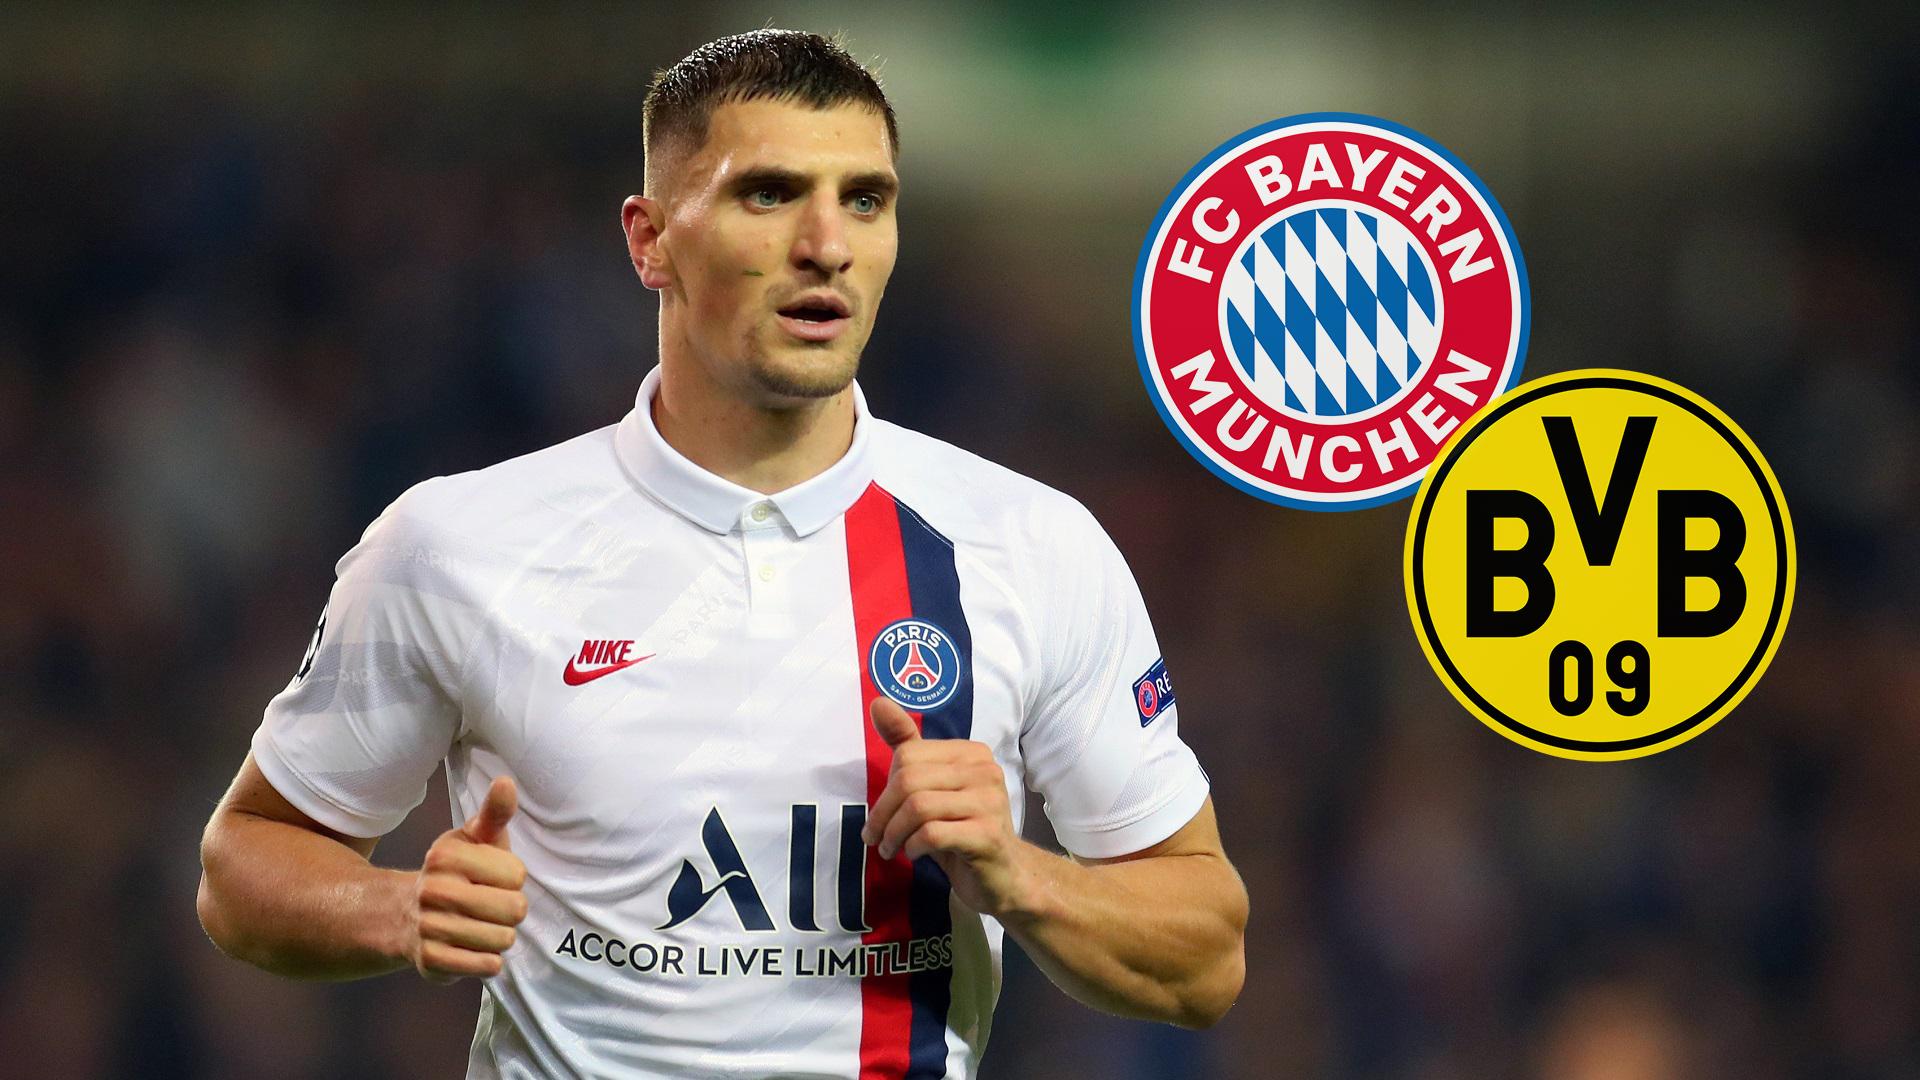 Bundesliga | Bayern Munich vs. Borussia Dortmund: How do ...  |Bayern-dortmund